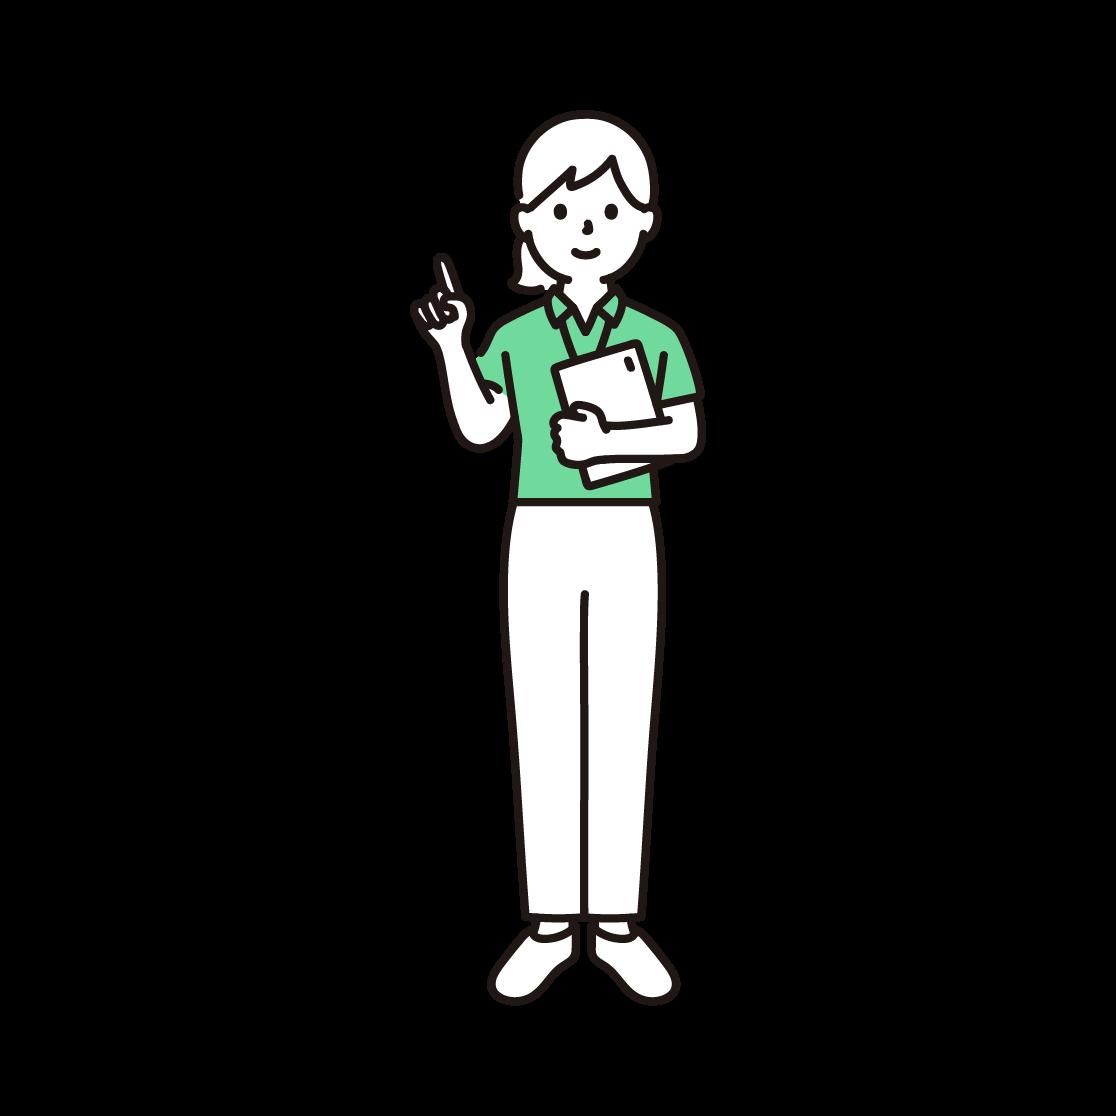 スポーツジムのインストラクター(女性)の単色イラスト